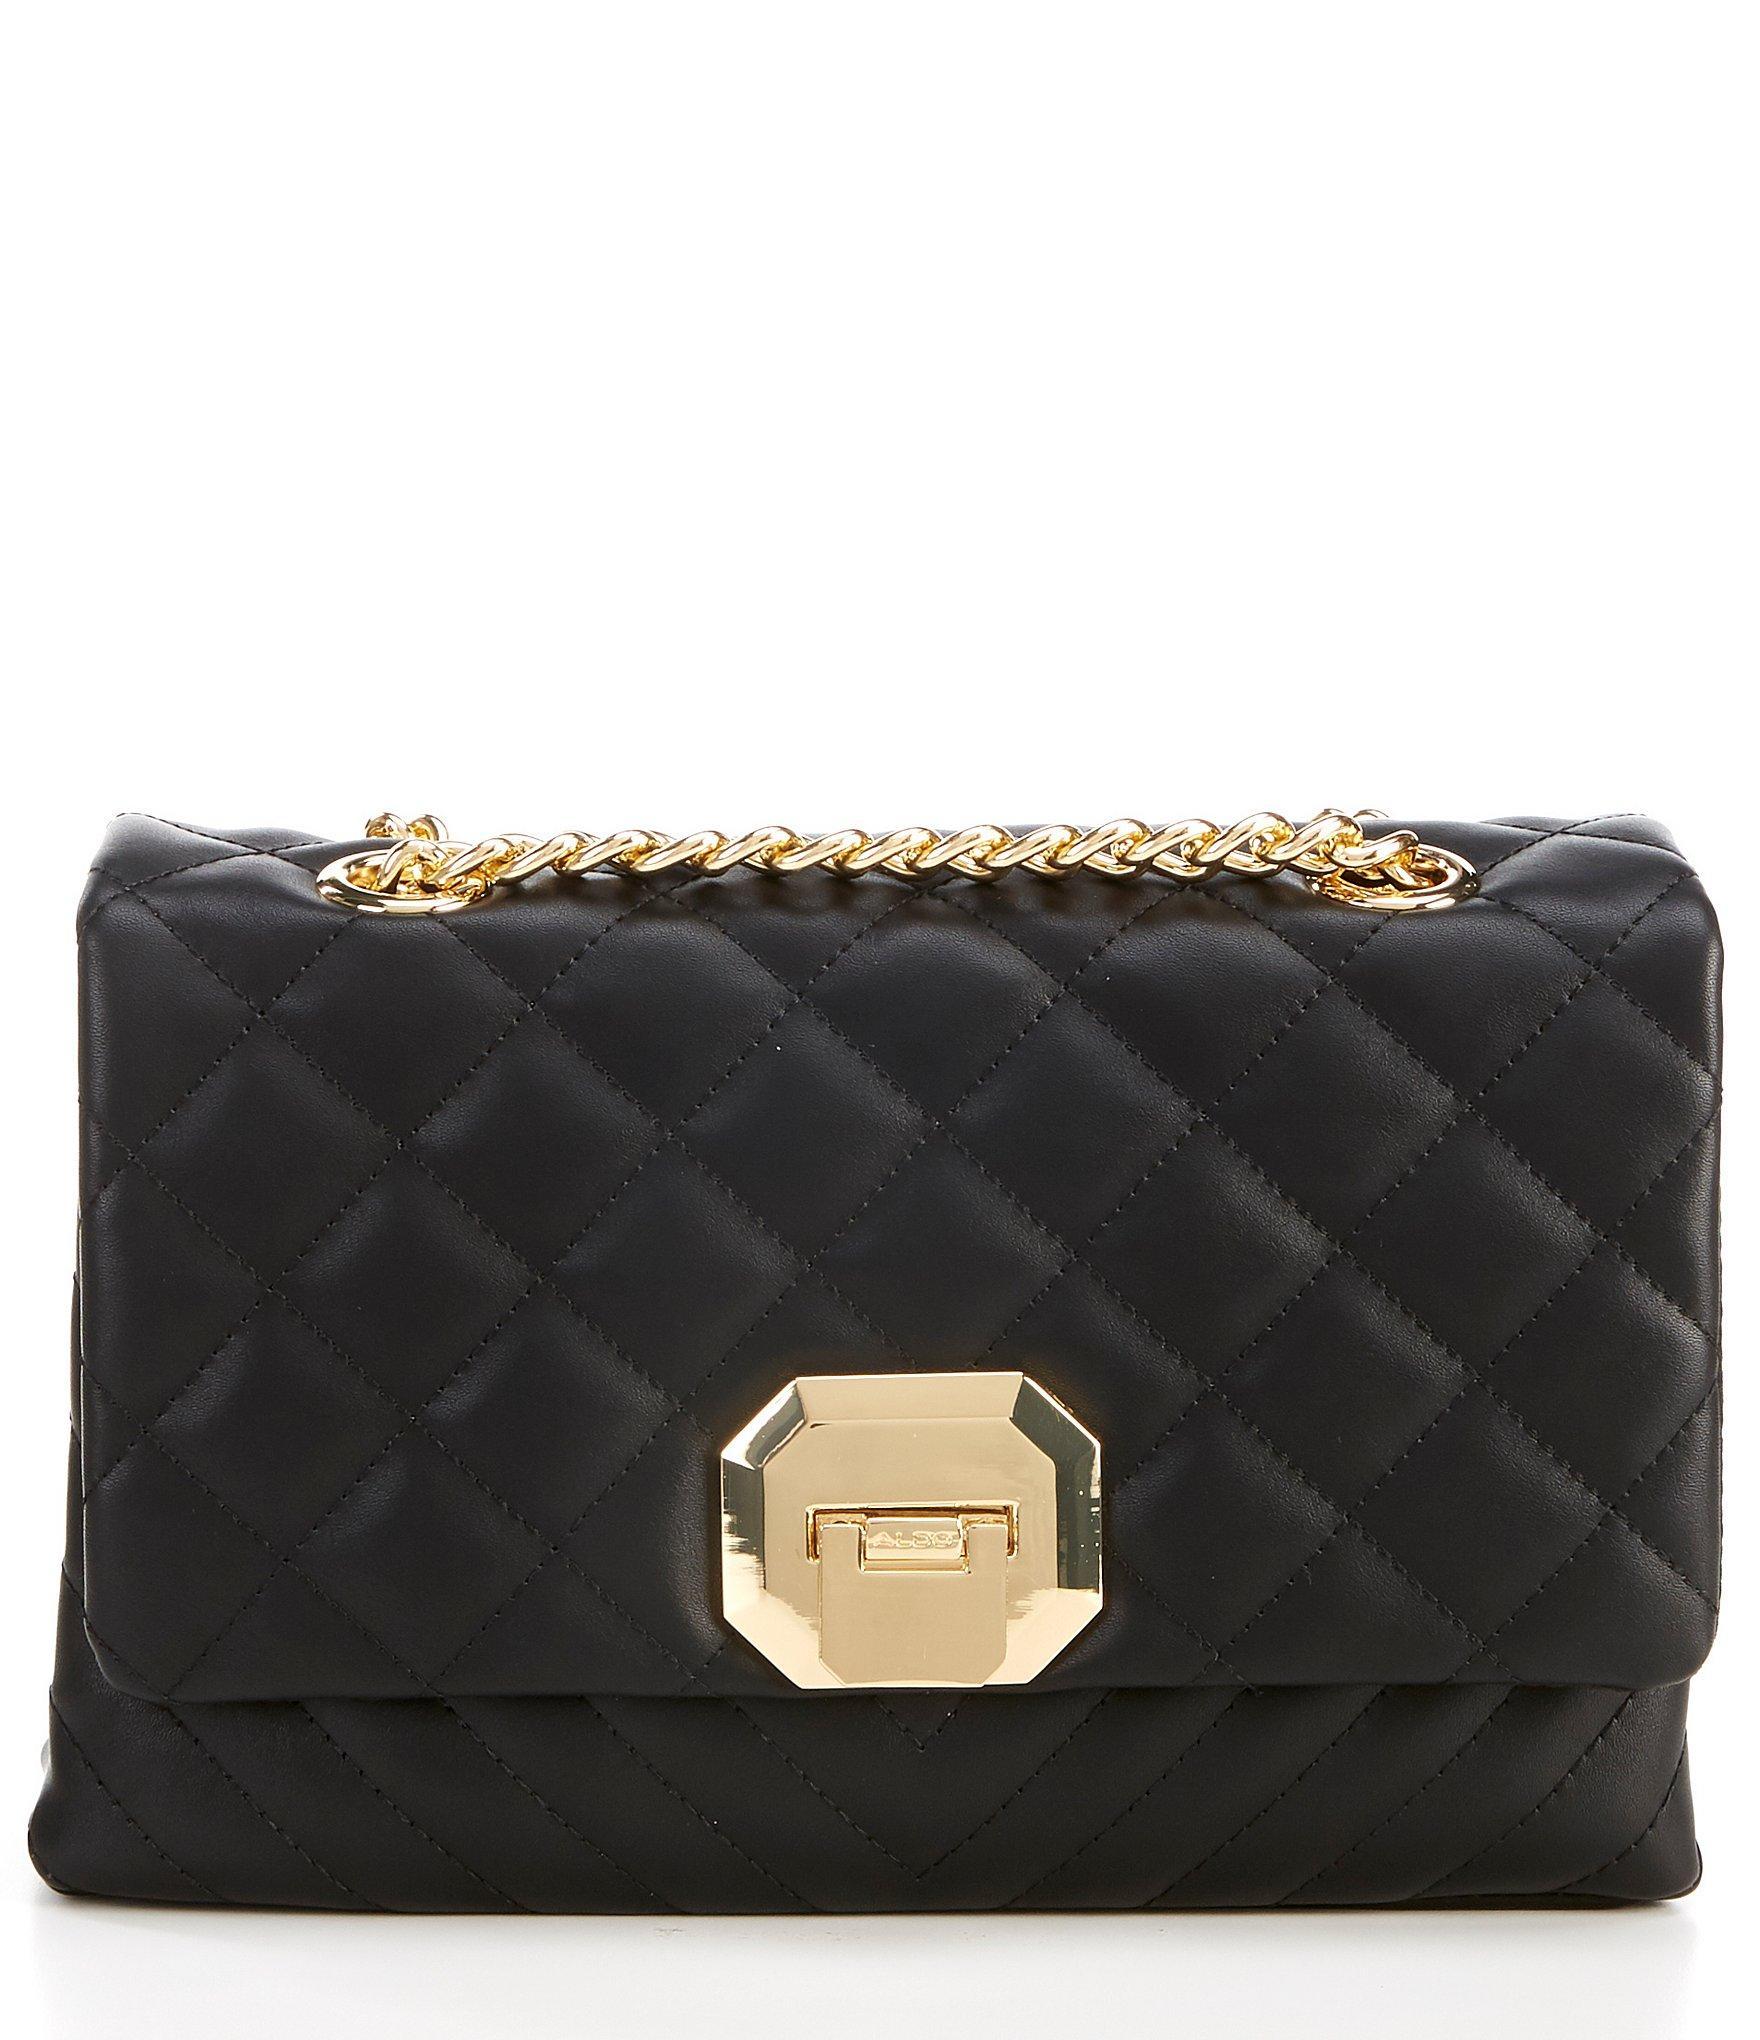 0458097c7e2 Lyst - ALDO Menifee Quilted Shoulder Bag in Black